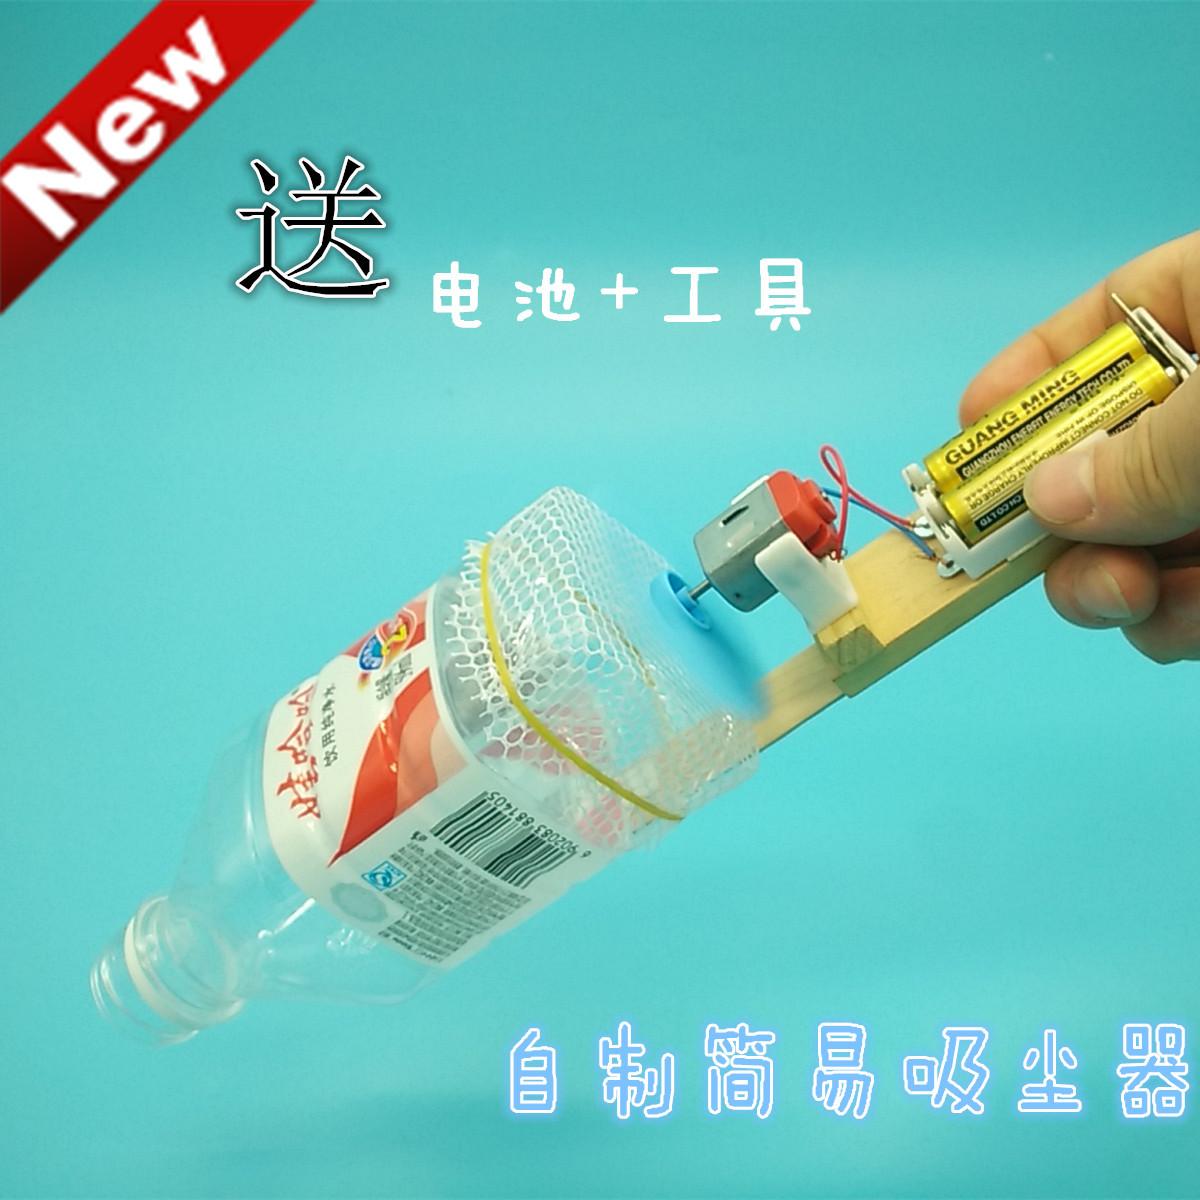 科技小制作小发明自制吸尘器小学生手工材料diy科学实验玩具包邮